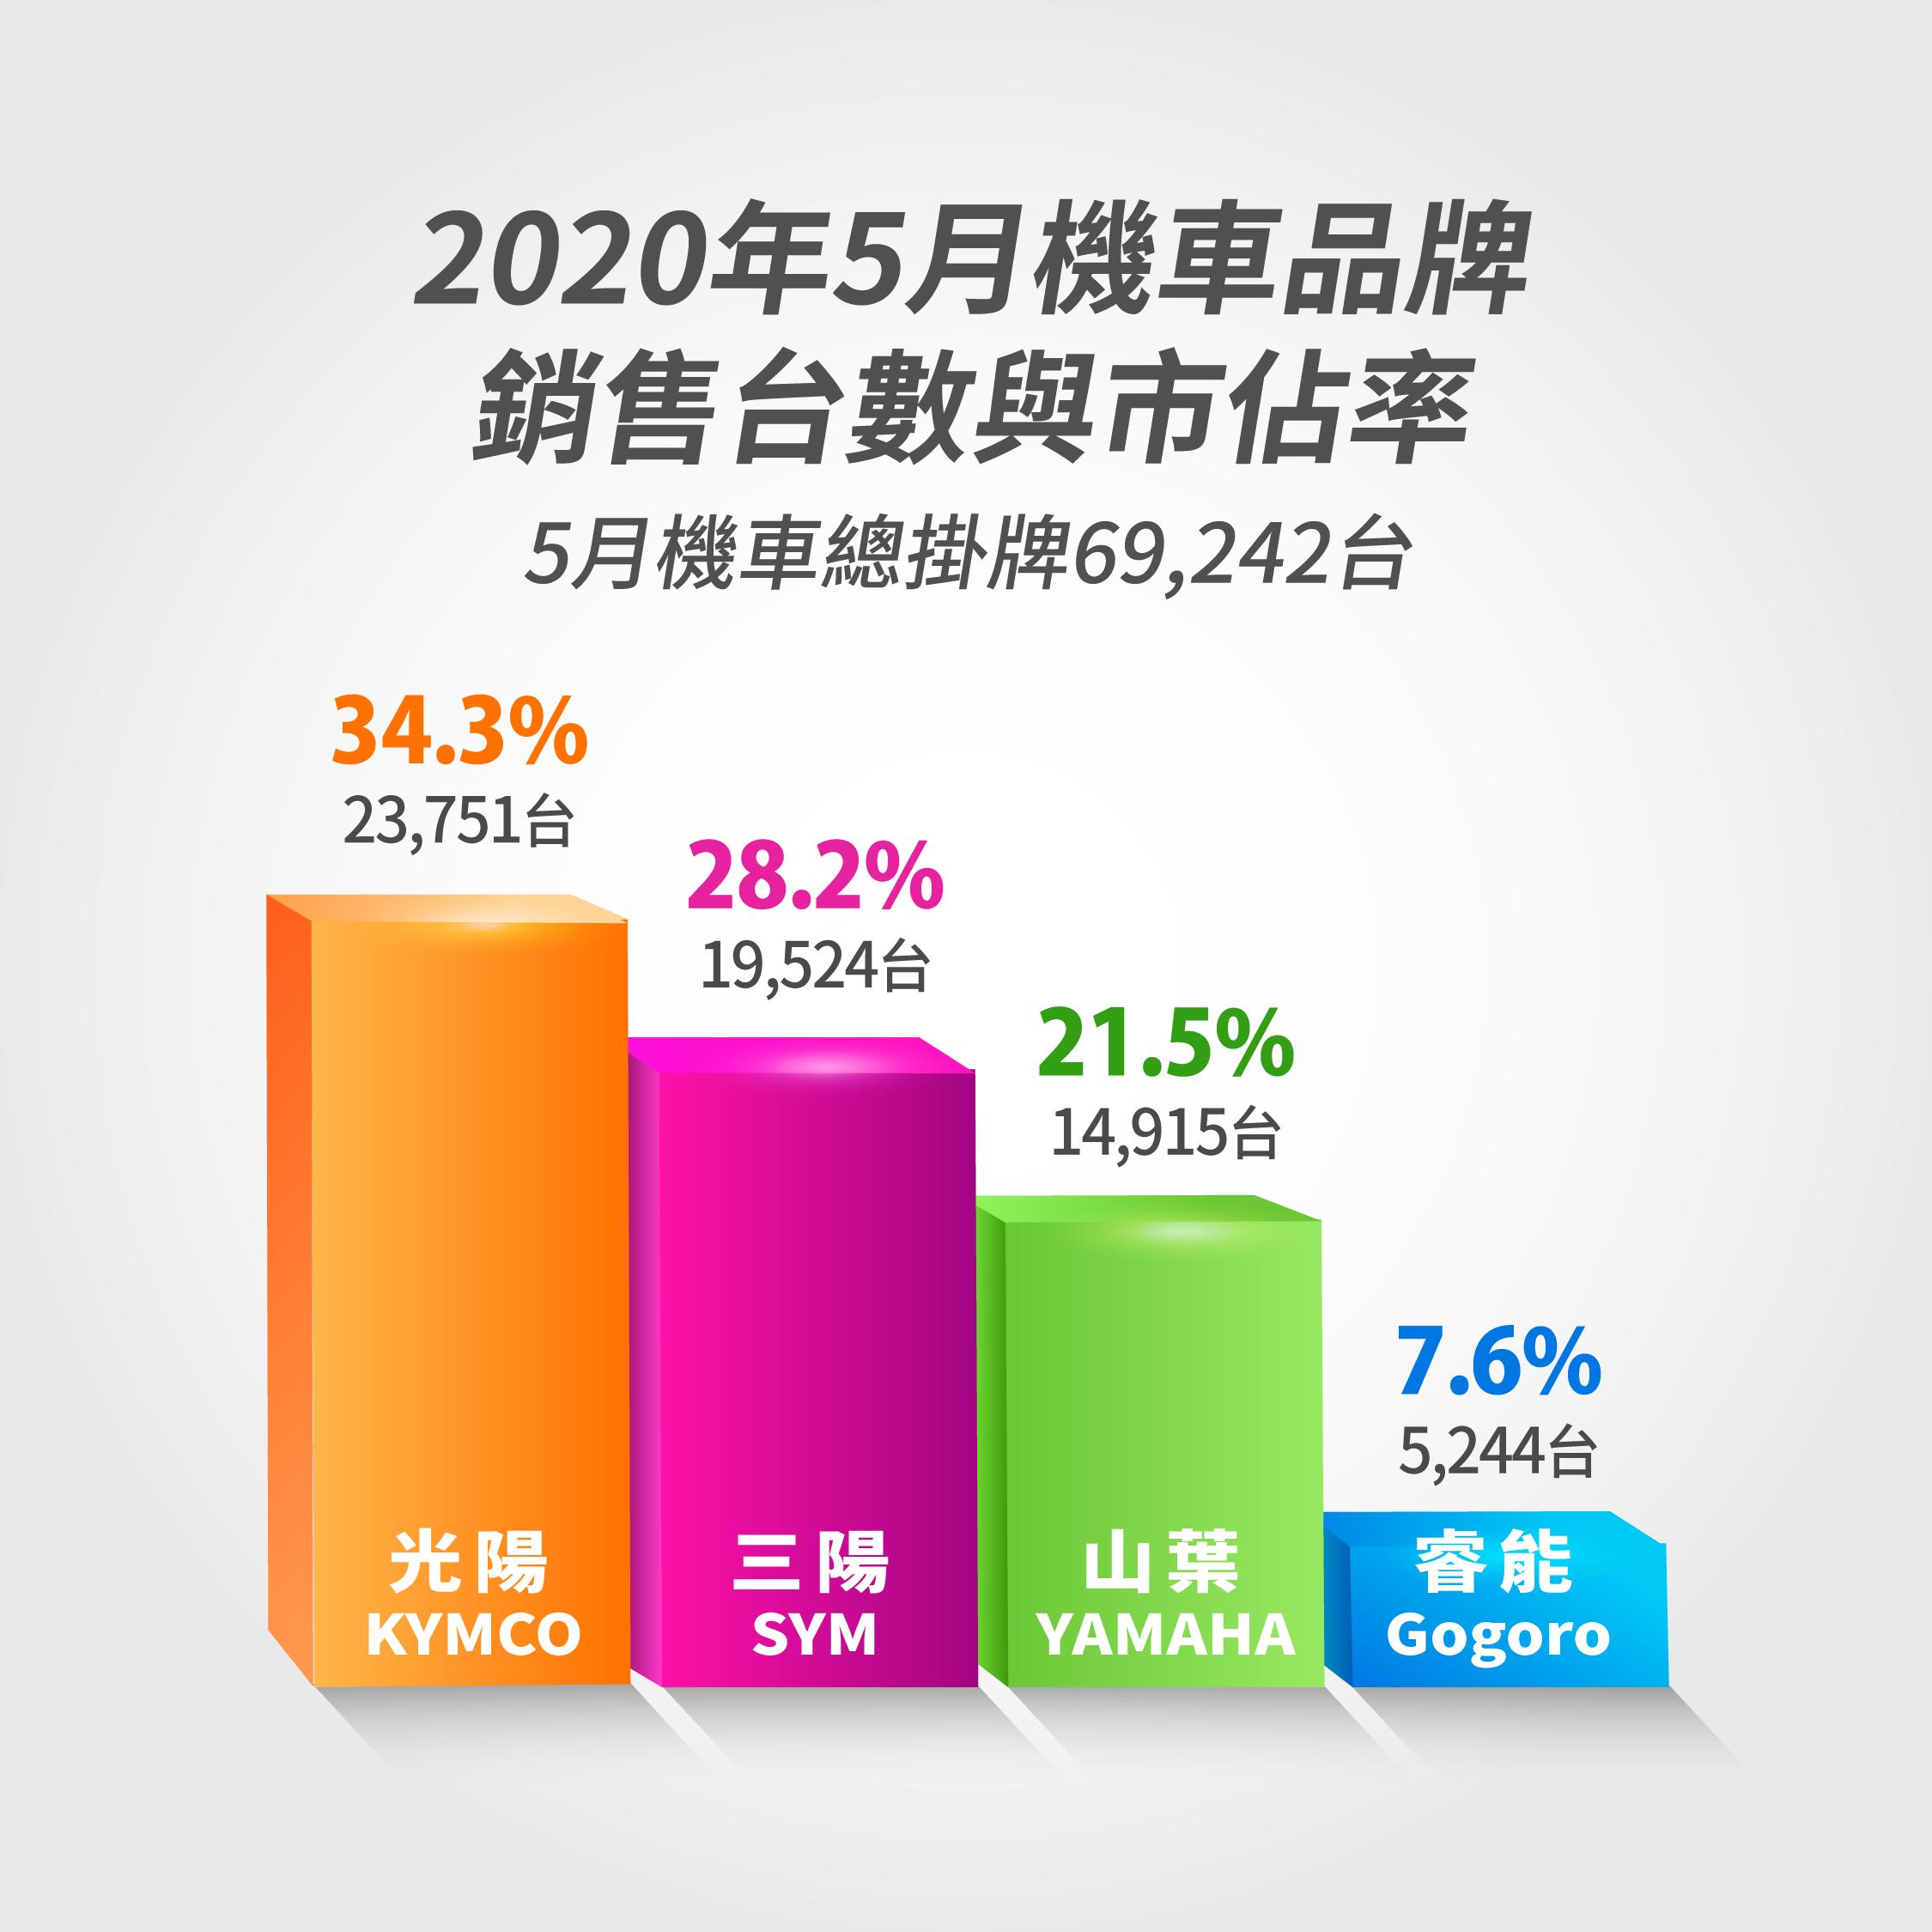 2020 年 5 月機車品牌銷售總掛牌 69,242 台,光陽市佔率 34.3% 居冠。